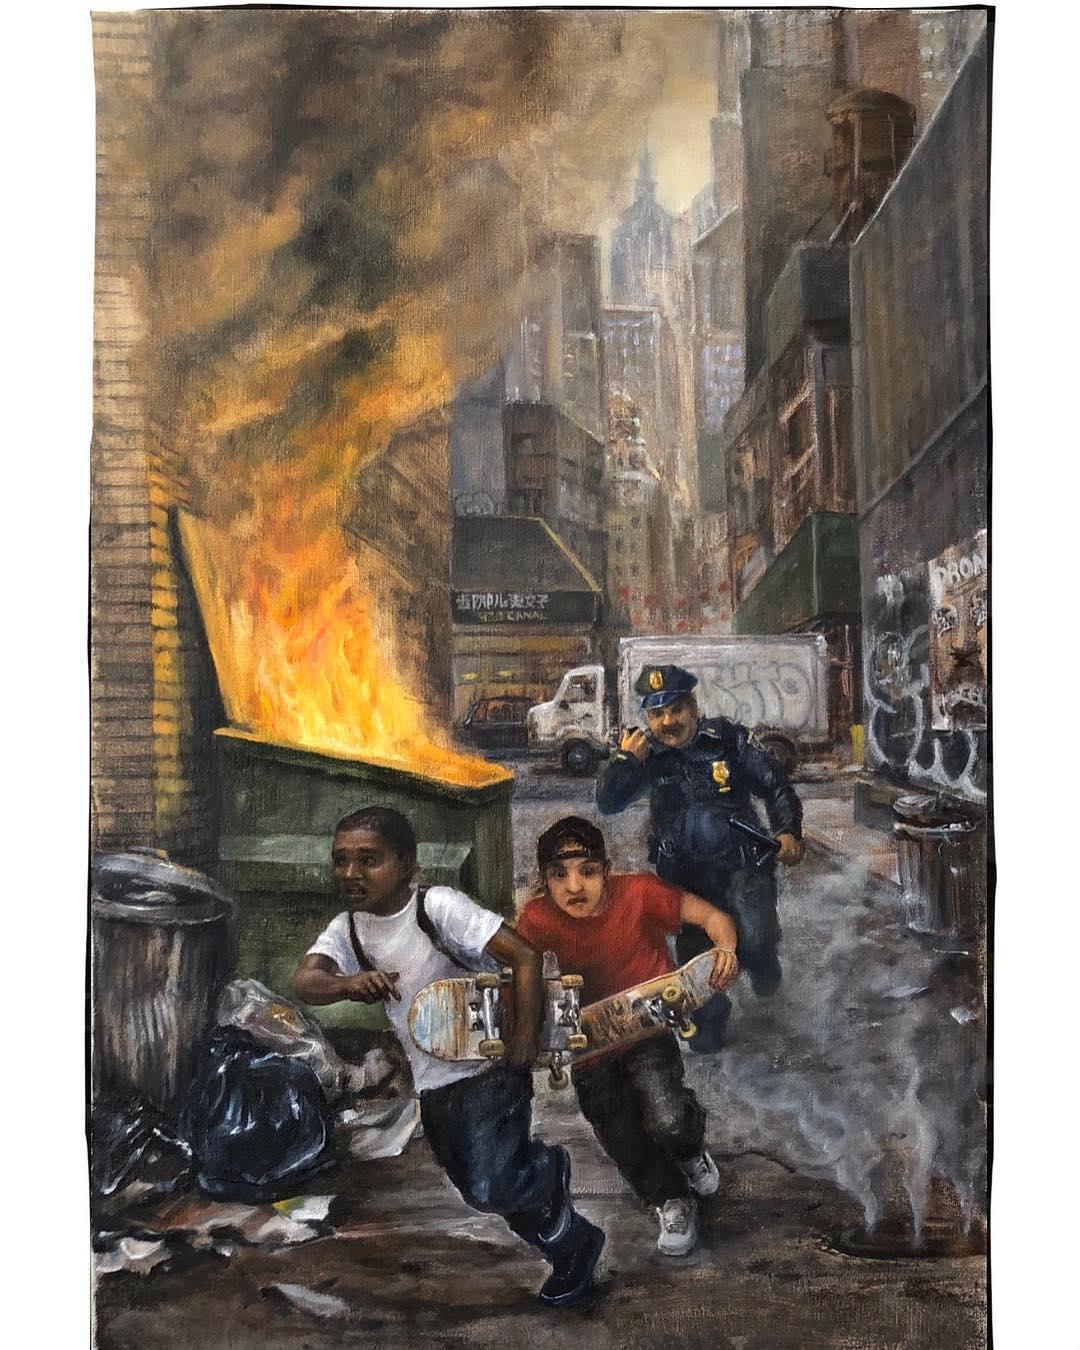 Conoce a Andrew Durgin-Barnes, el pintor que usa el clasicismo para retratar las realidades en entornos desconocidos